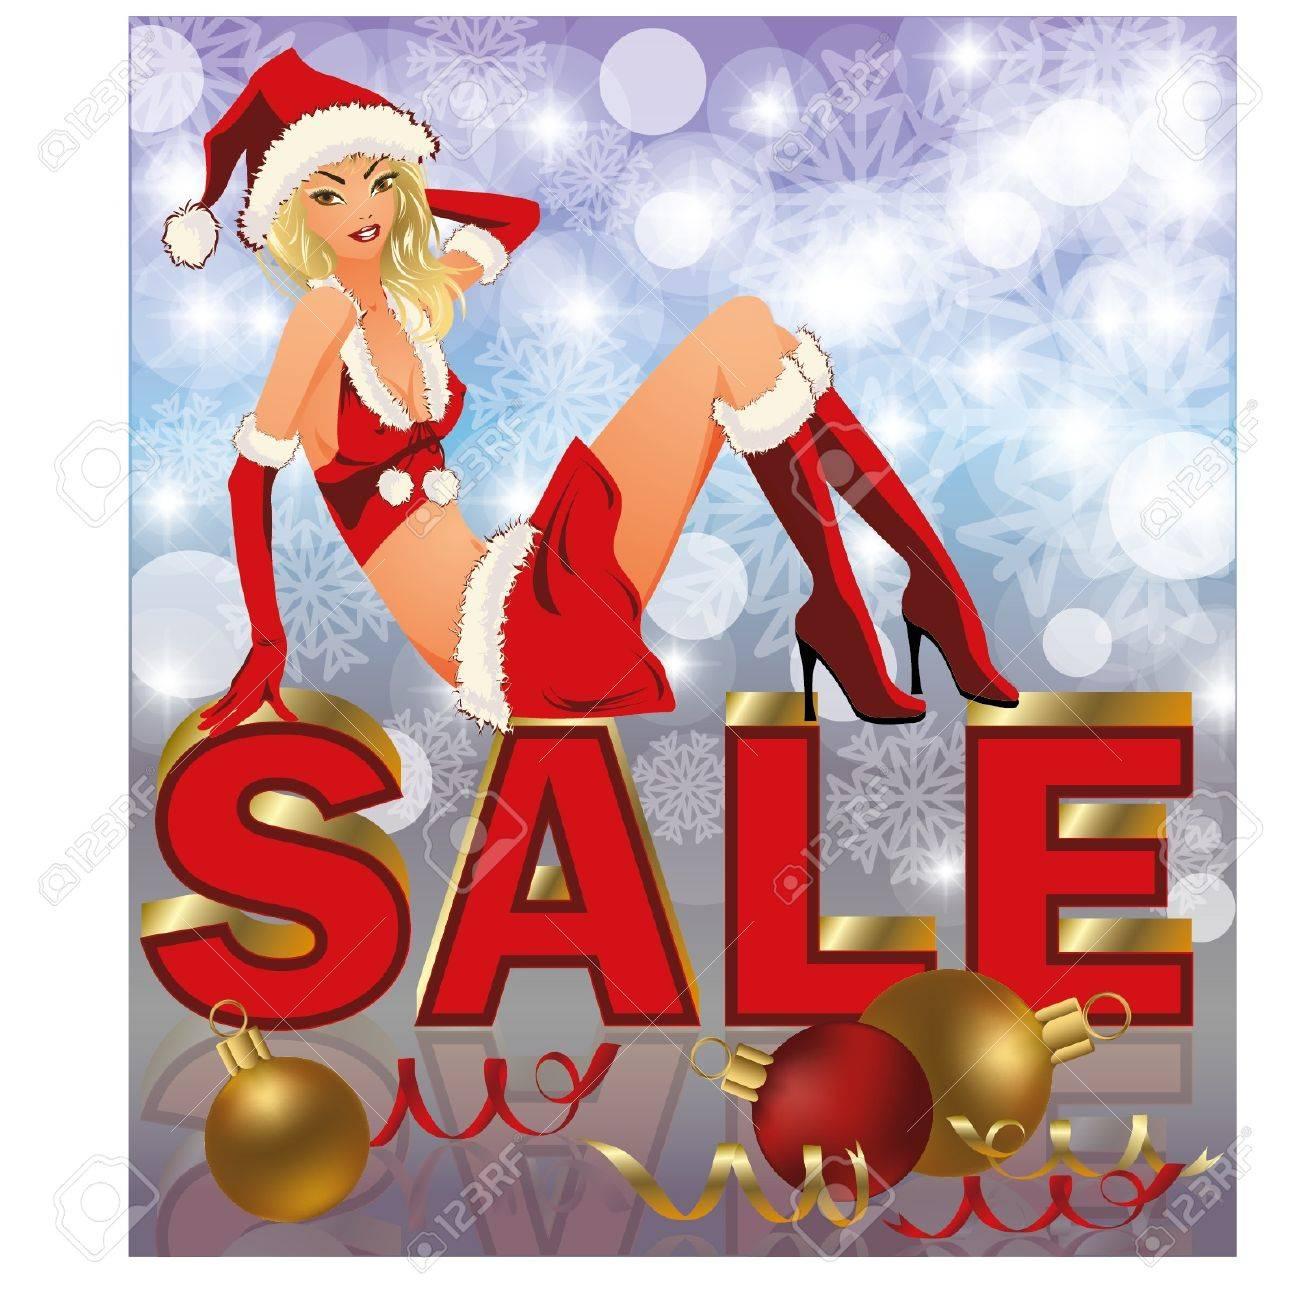 サンタ女の子イラストとクリスマスの販売の背景 ロイヤリティフリー